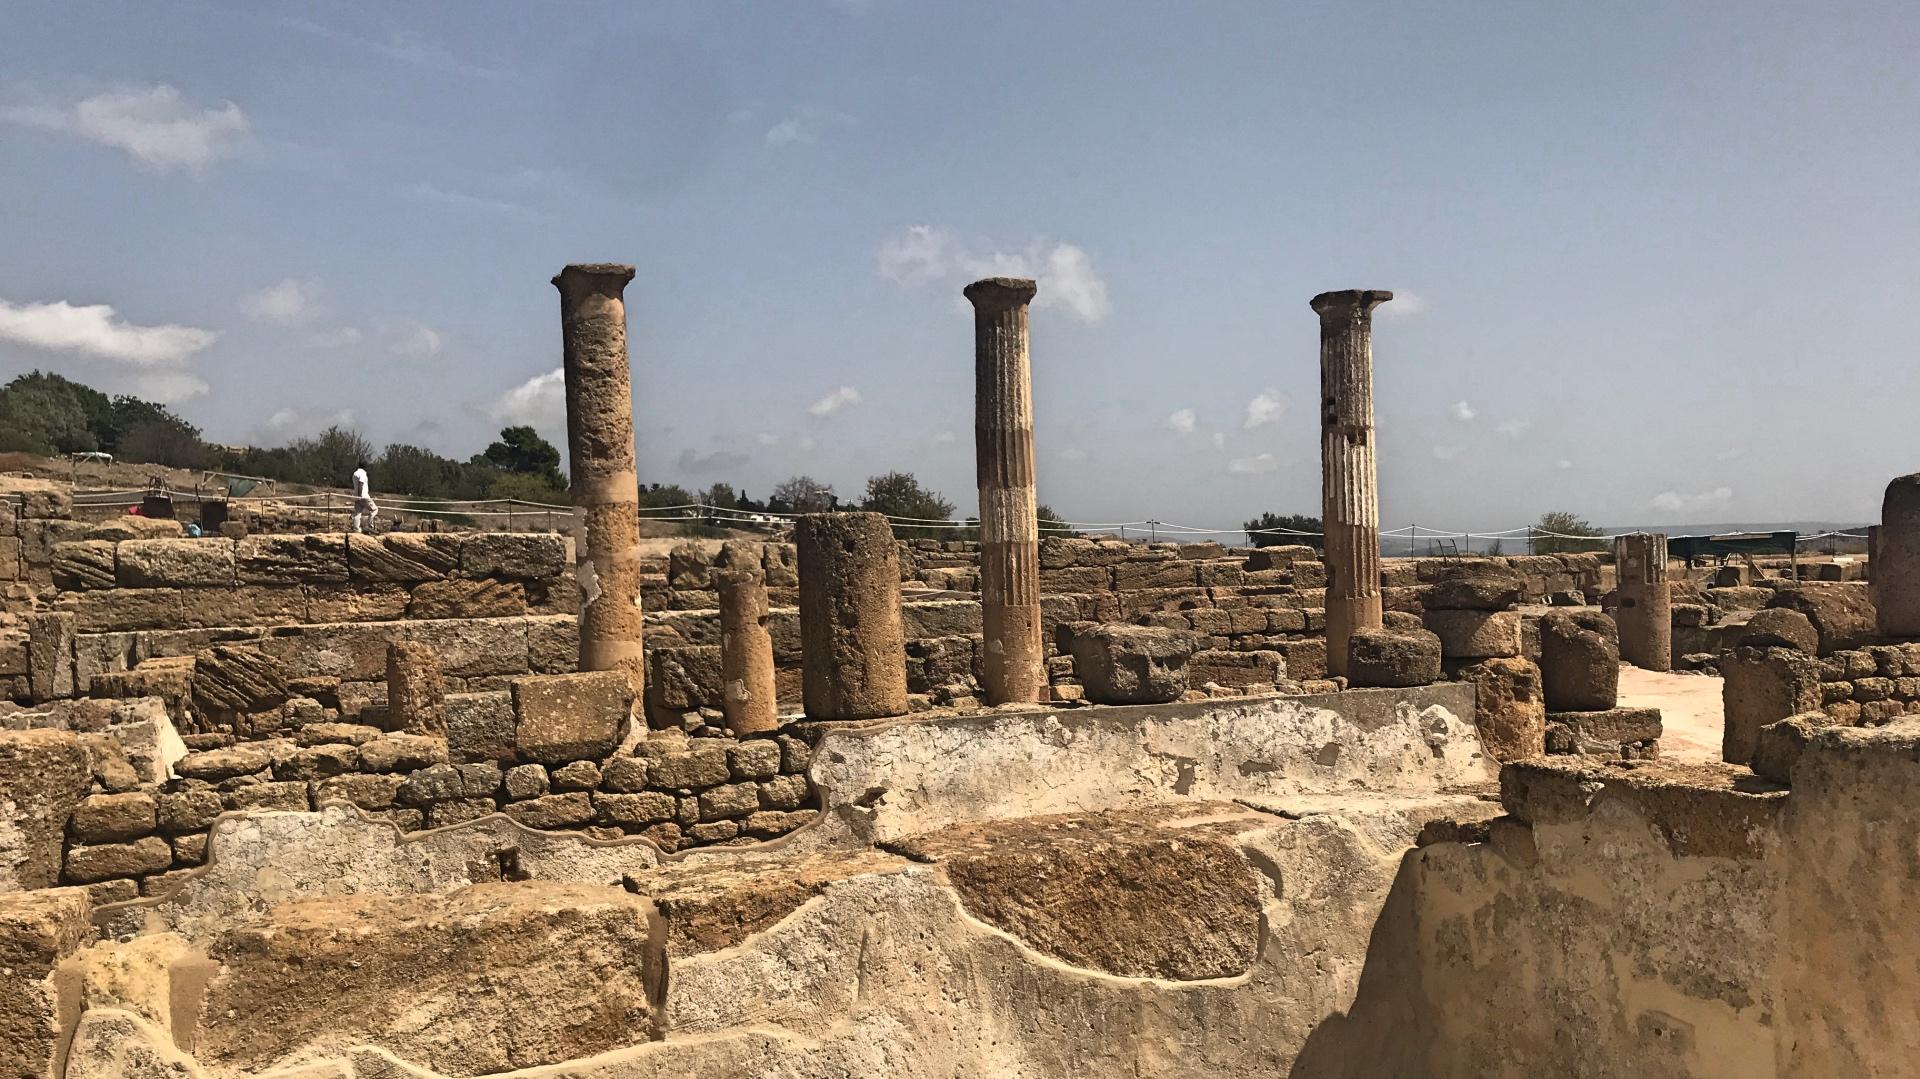 c3f3cd9253 Per conoscere Agrigento bisogna partire dalle sue viscere, da quegli ipogei  che raccontano più di un libro di storia: e quando si ritorna alla luce, ...